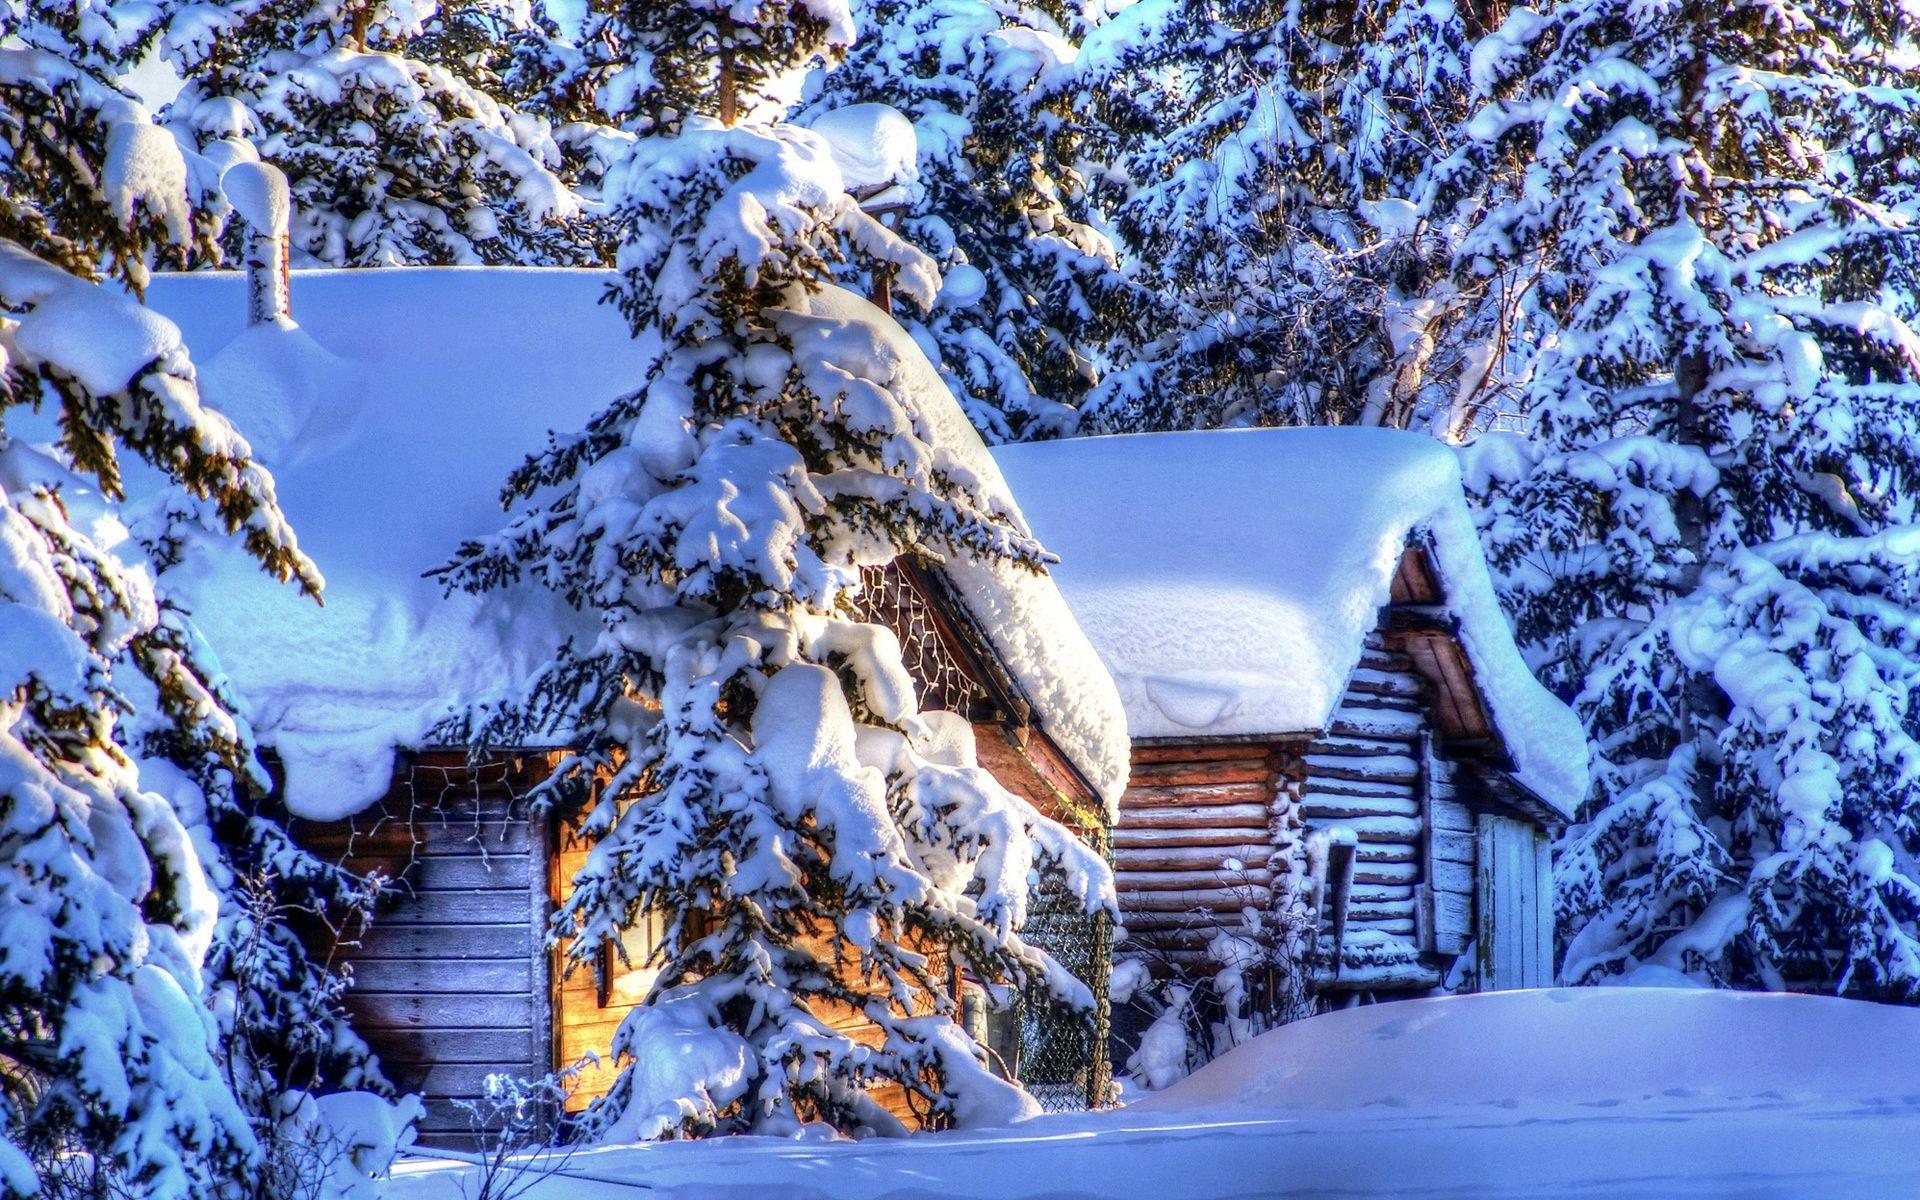 Alaska Paysage D Hiver Neige Foret Sapin Cabanes Fonds D